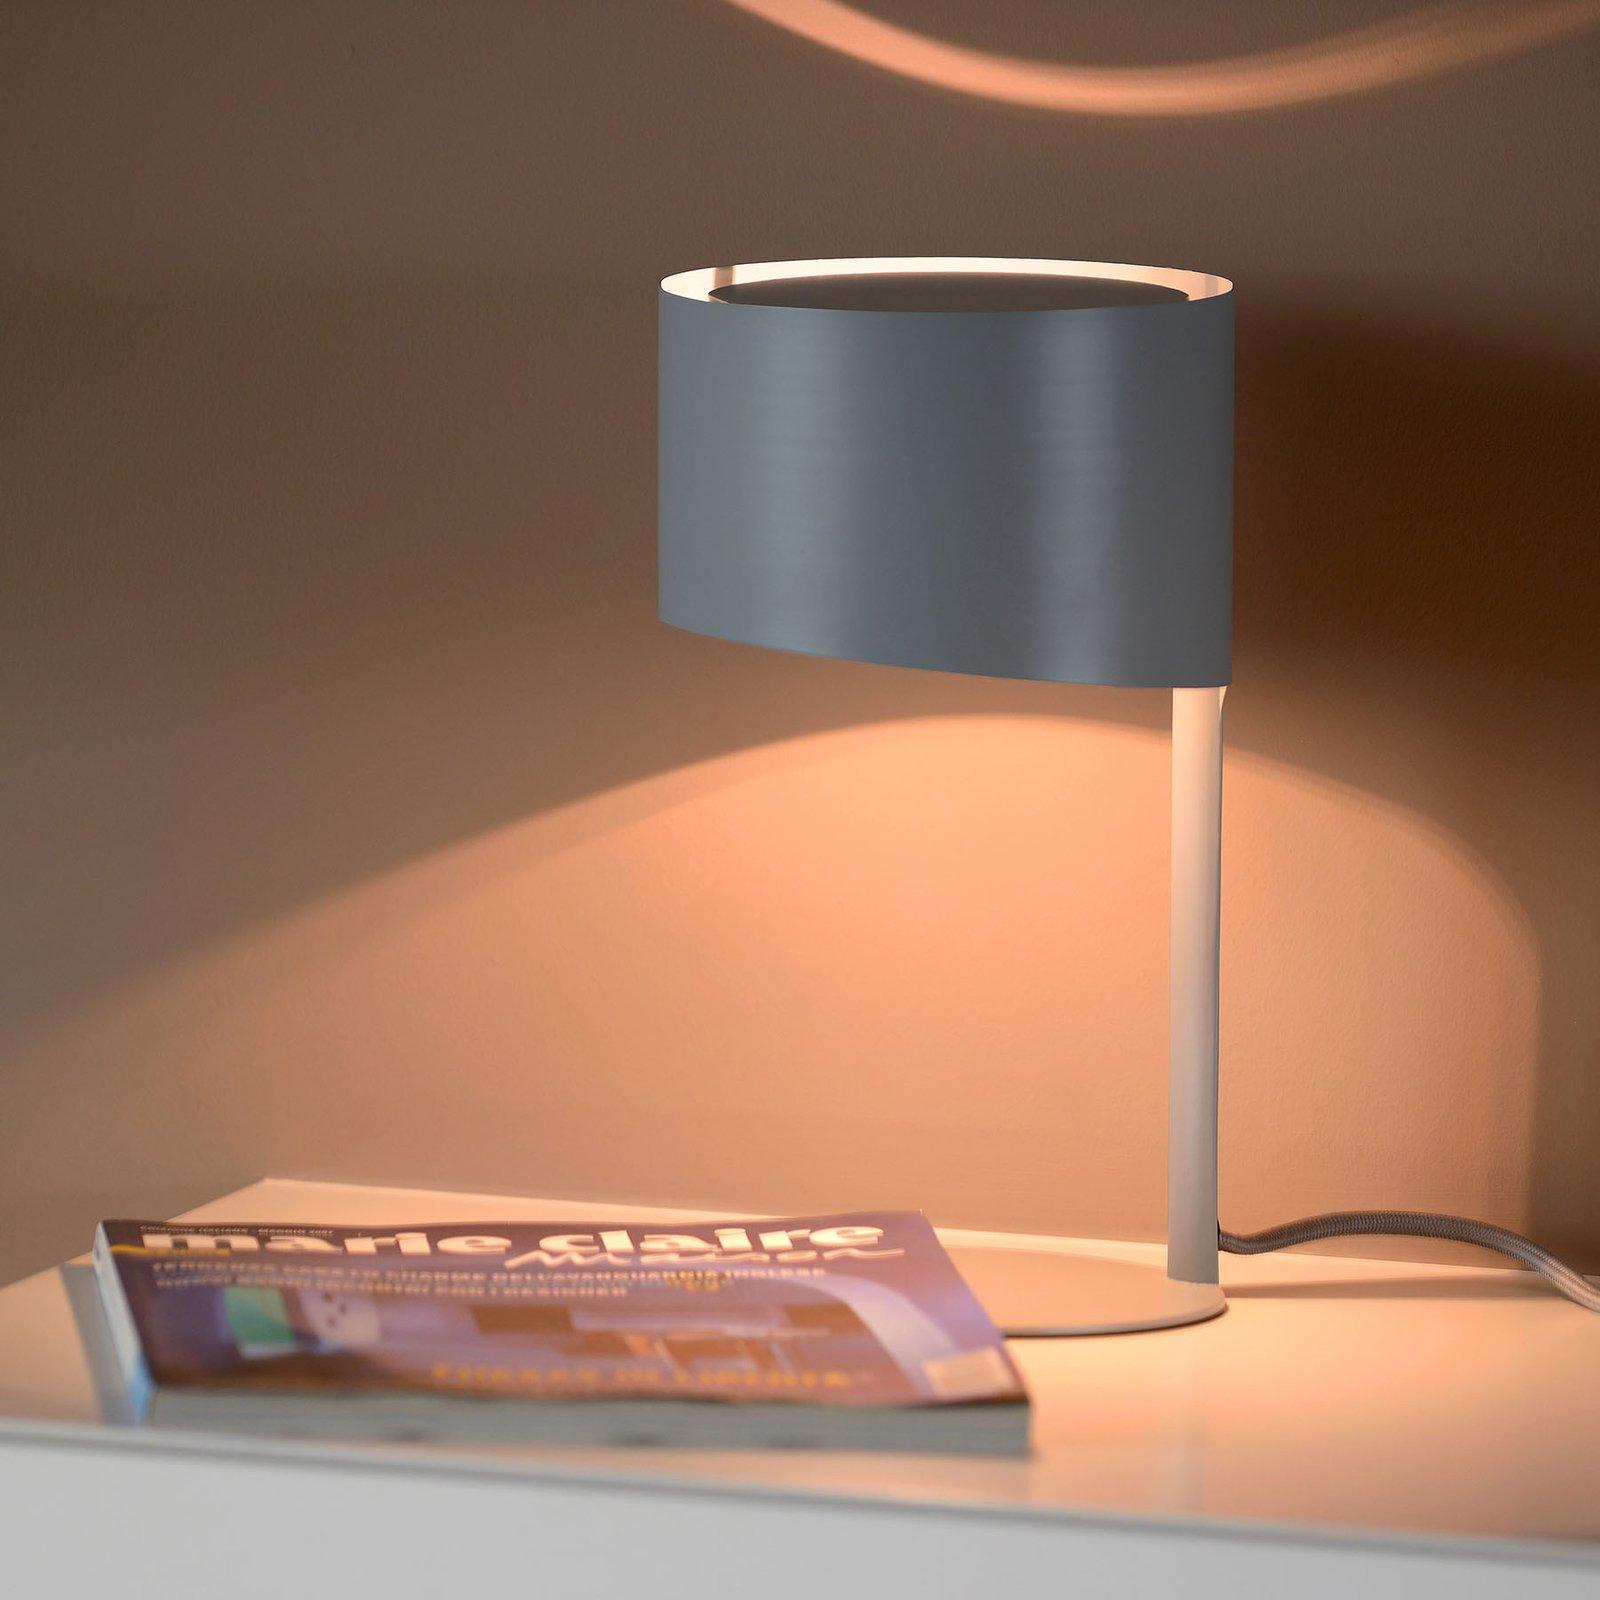 Knulle bordlampe av metall, grå